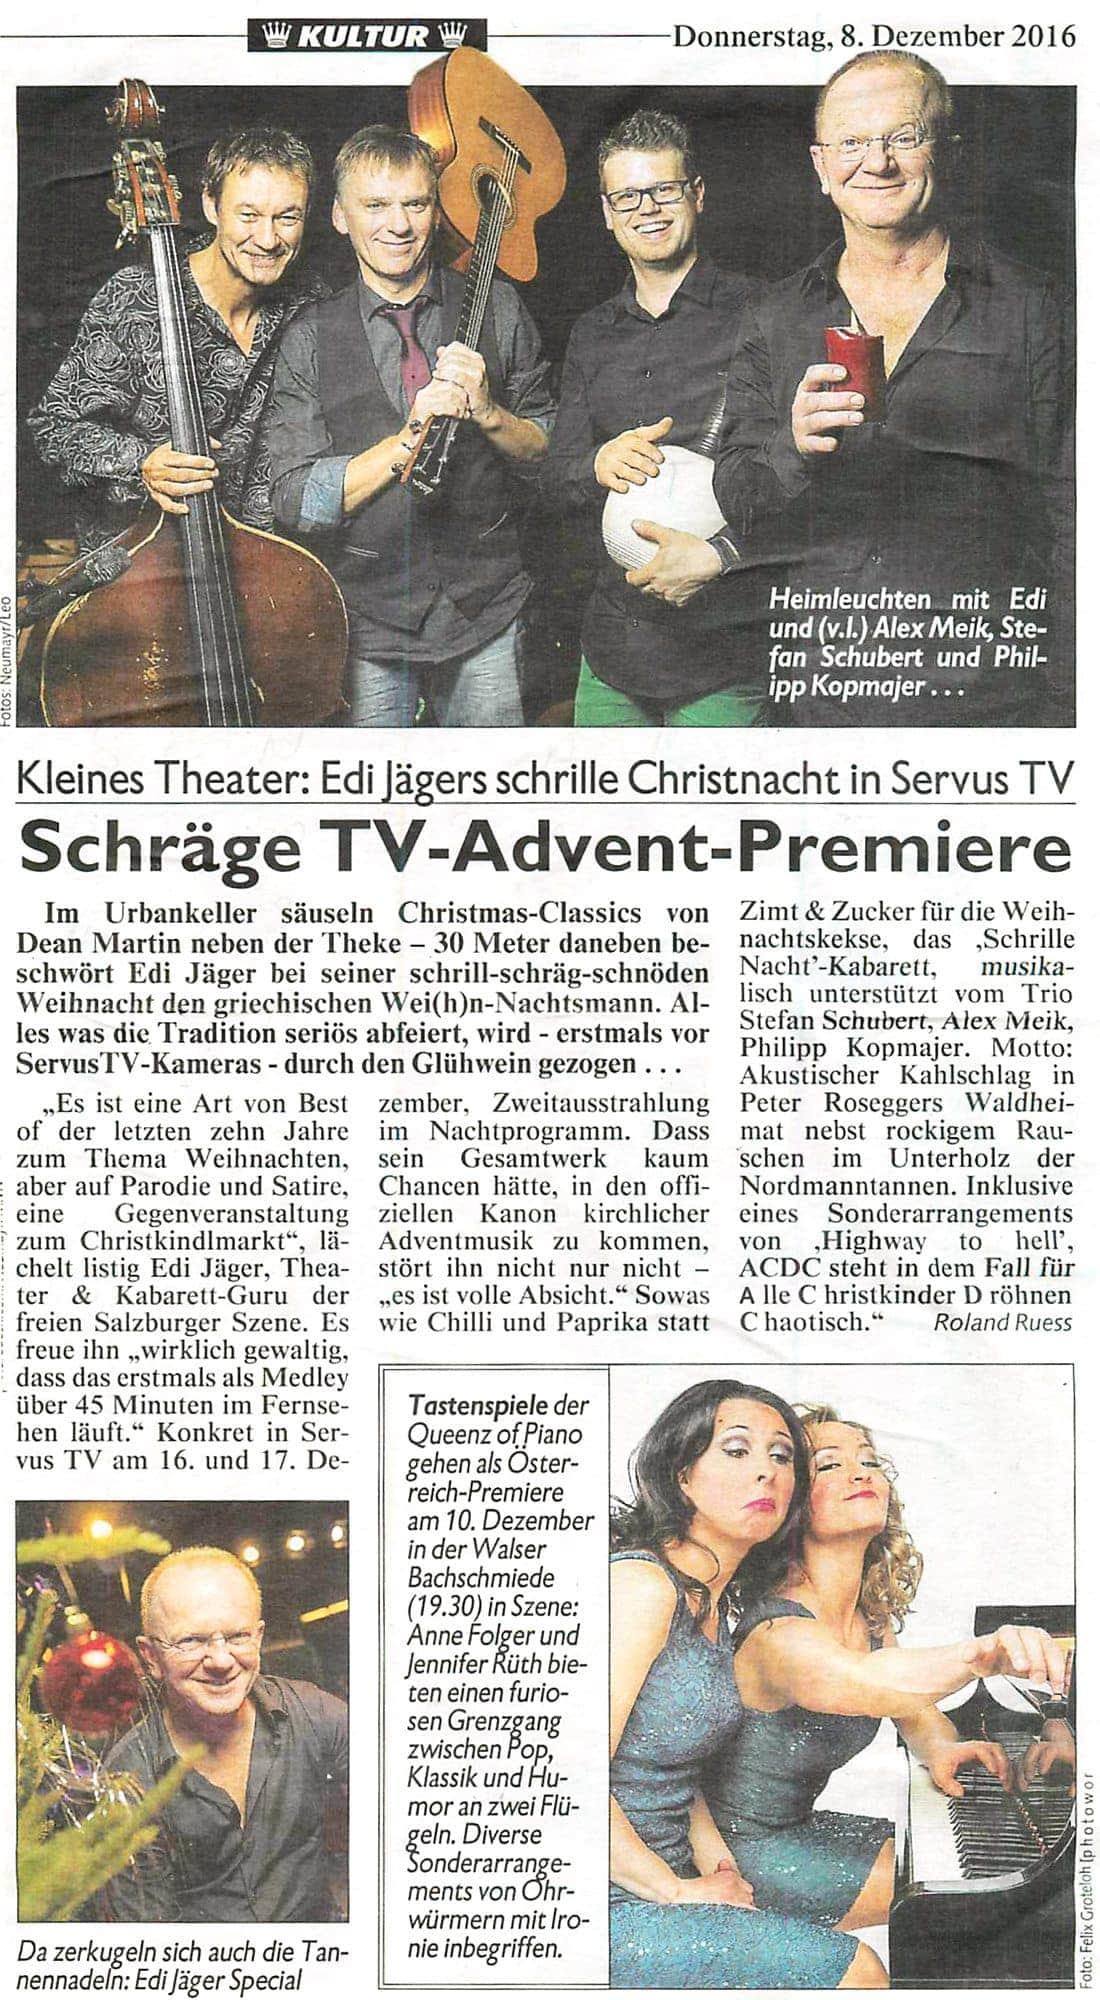 20161208 BER SchnoedeBescherung EdiJaeger Krone - Schräge TV-Advent-Premiere - Kronenzeitung vom 08.12.2016